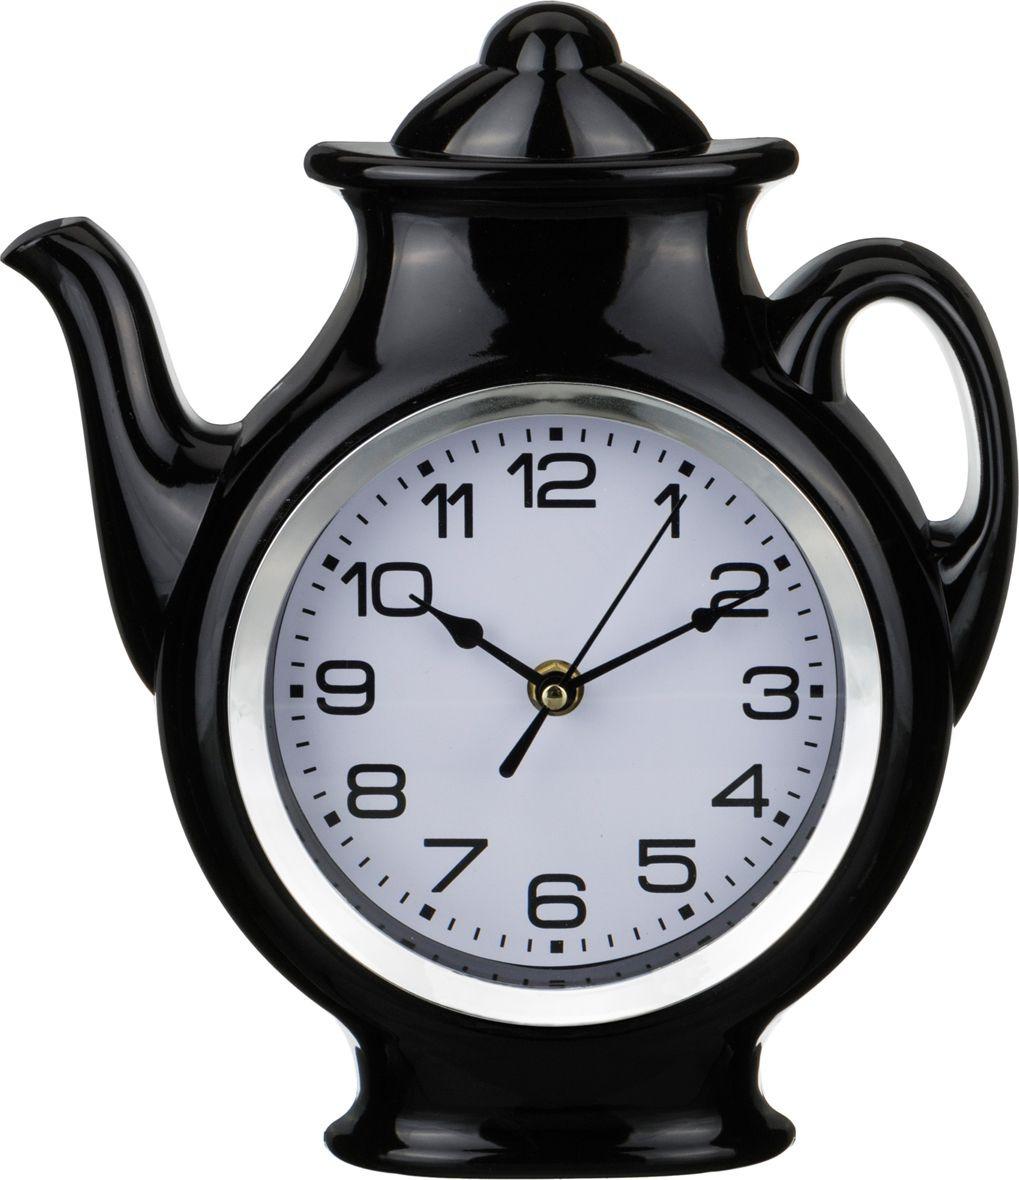 лучшая цена Настенные часы Lefard Chef Kitchen, 220-216, черный, 25 х 30 х 5 см